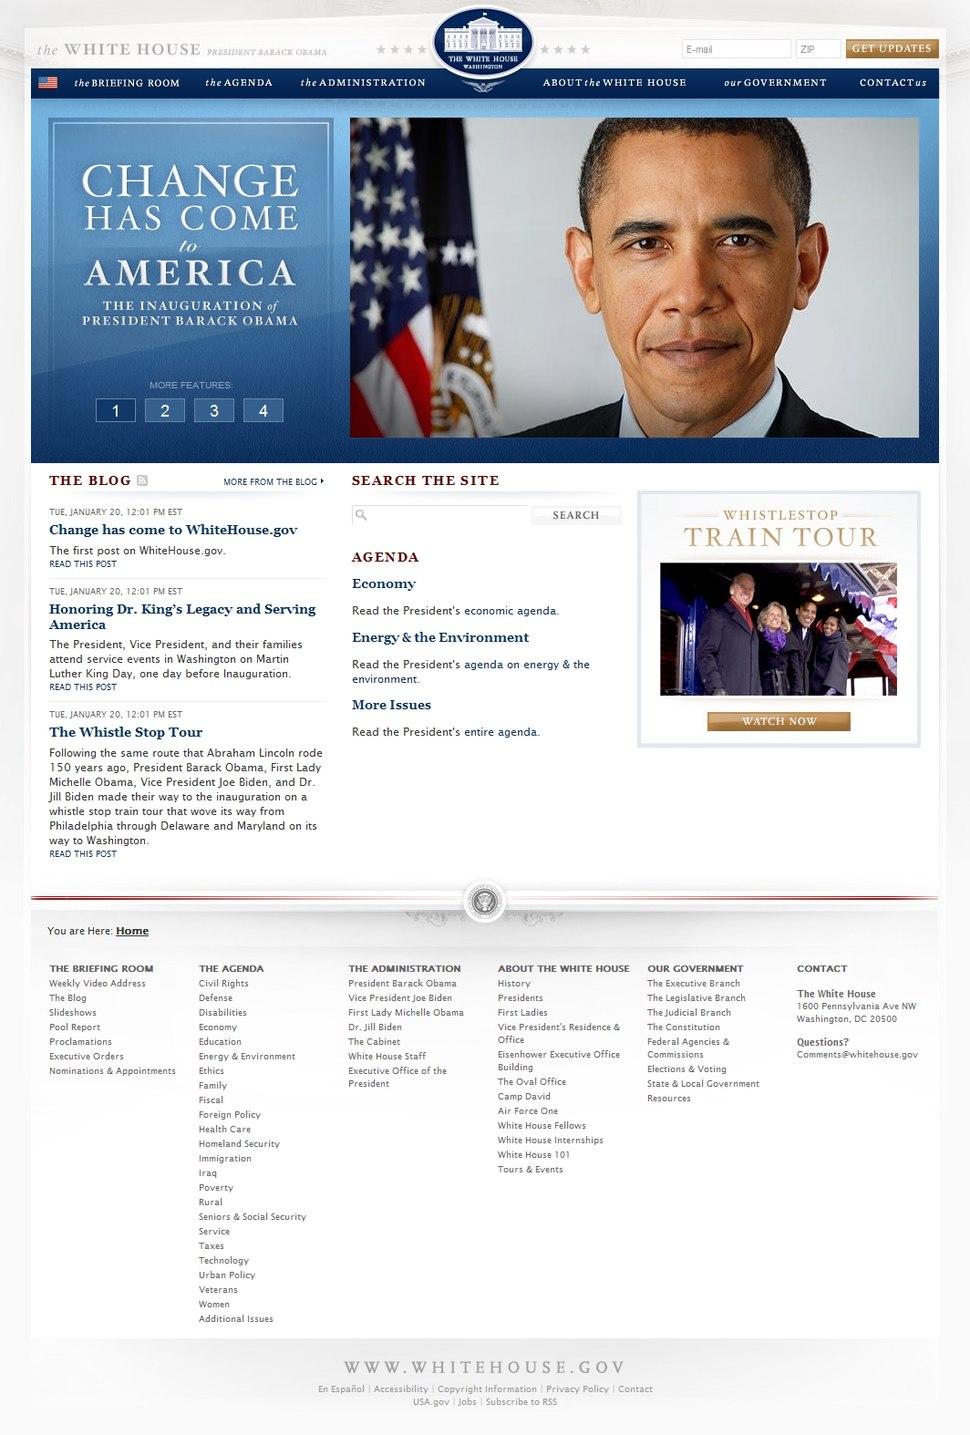 White House.gov opening screen full 1-20-09